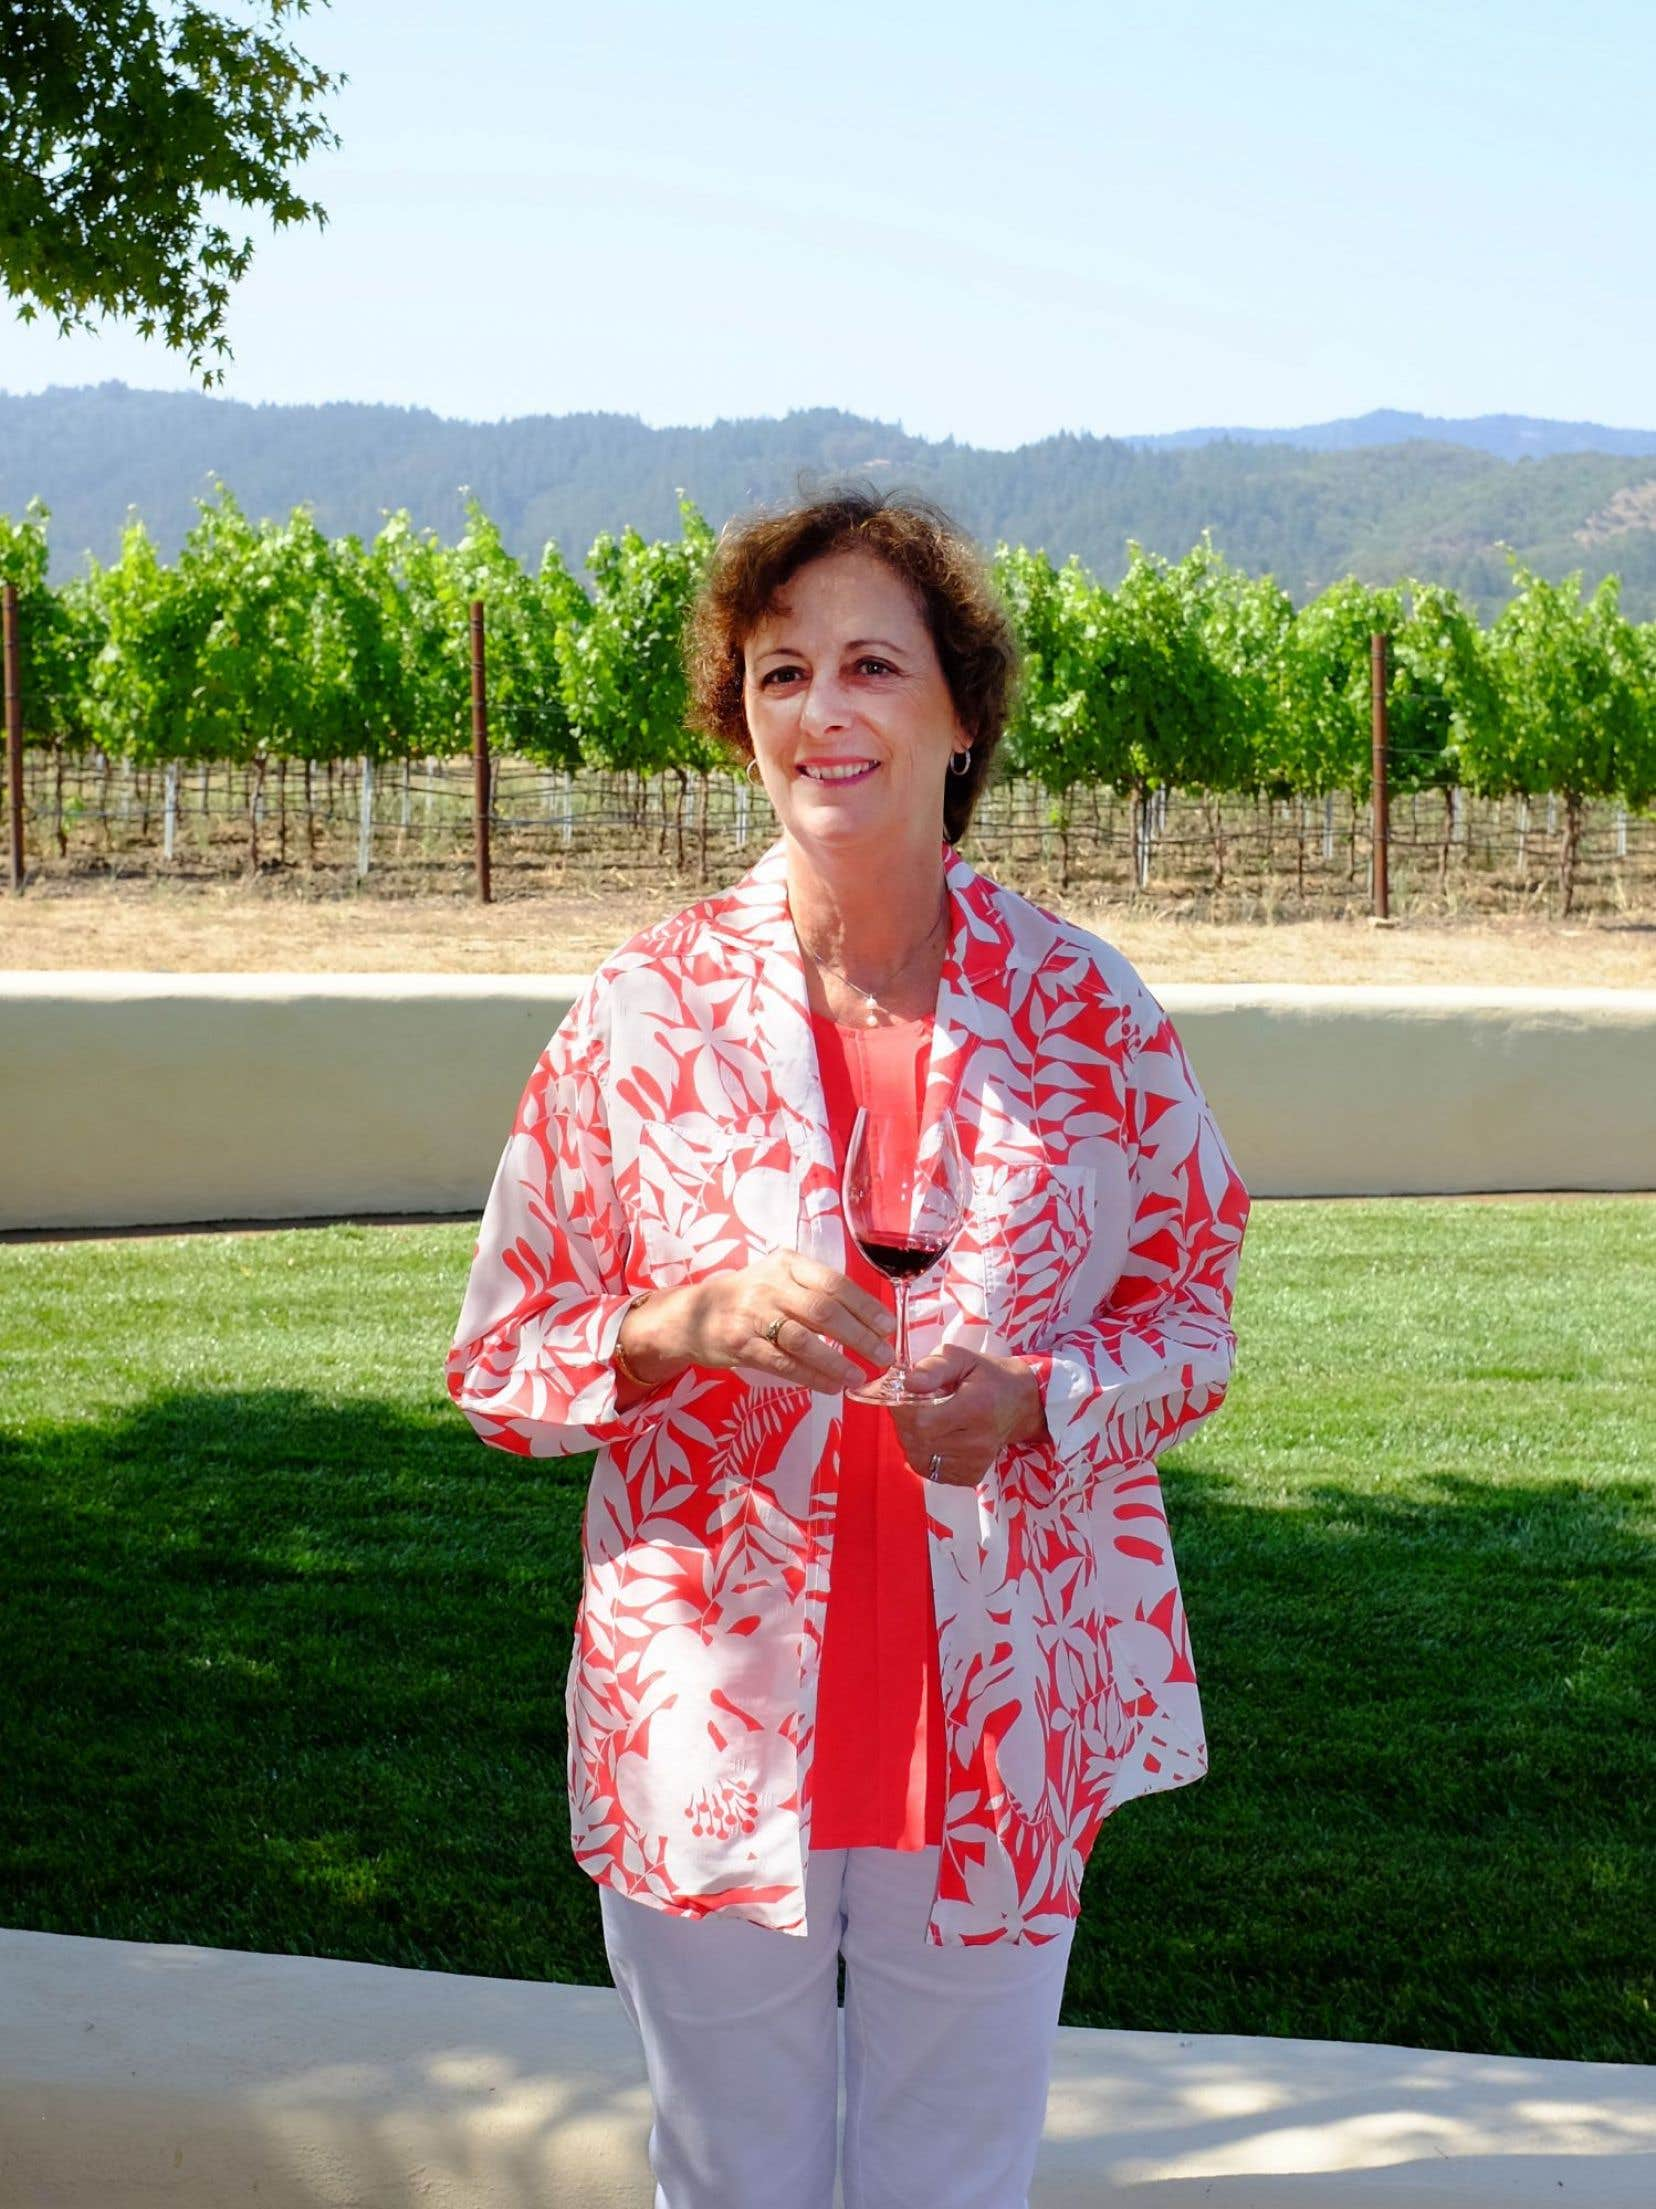 L'œnologue Geneviève Janssens devant une parcelle du To Kalon : « Un vin poétique qui flirte sans cesse avec vous. »